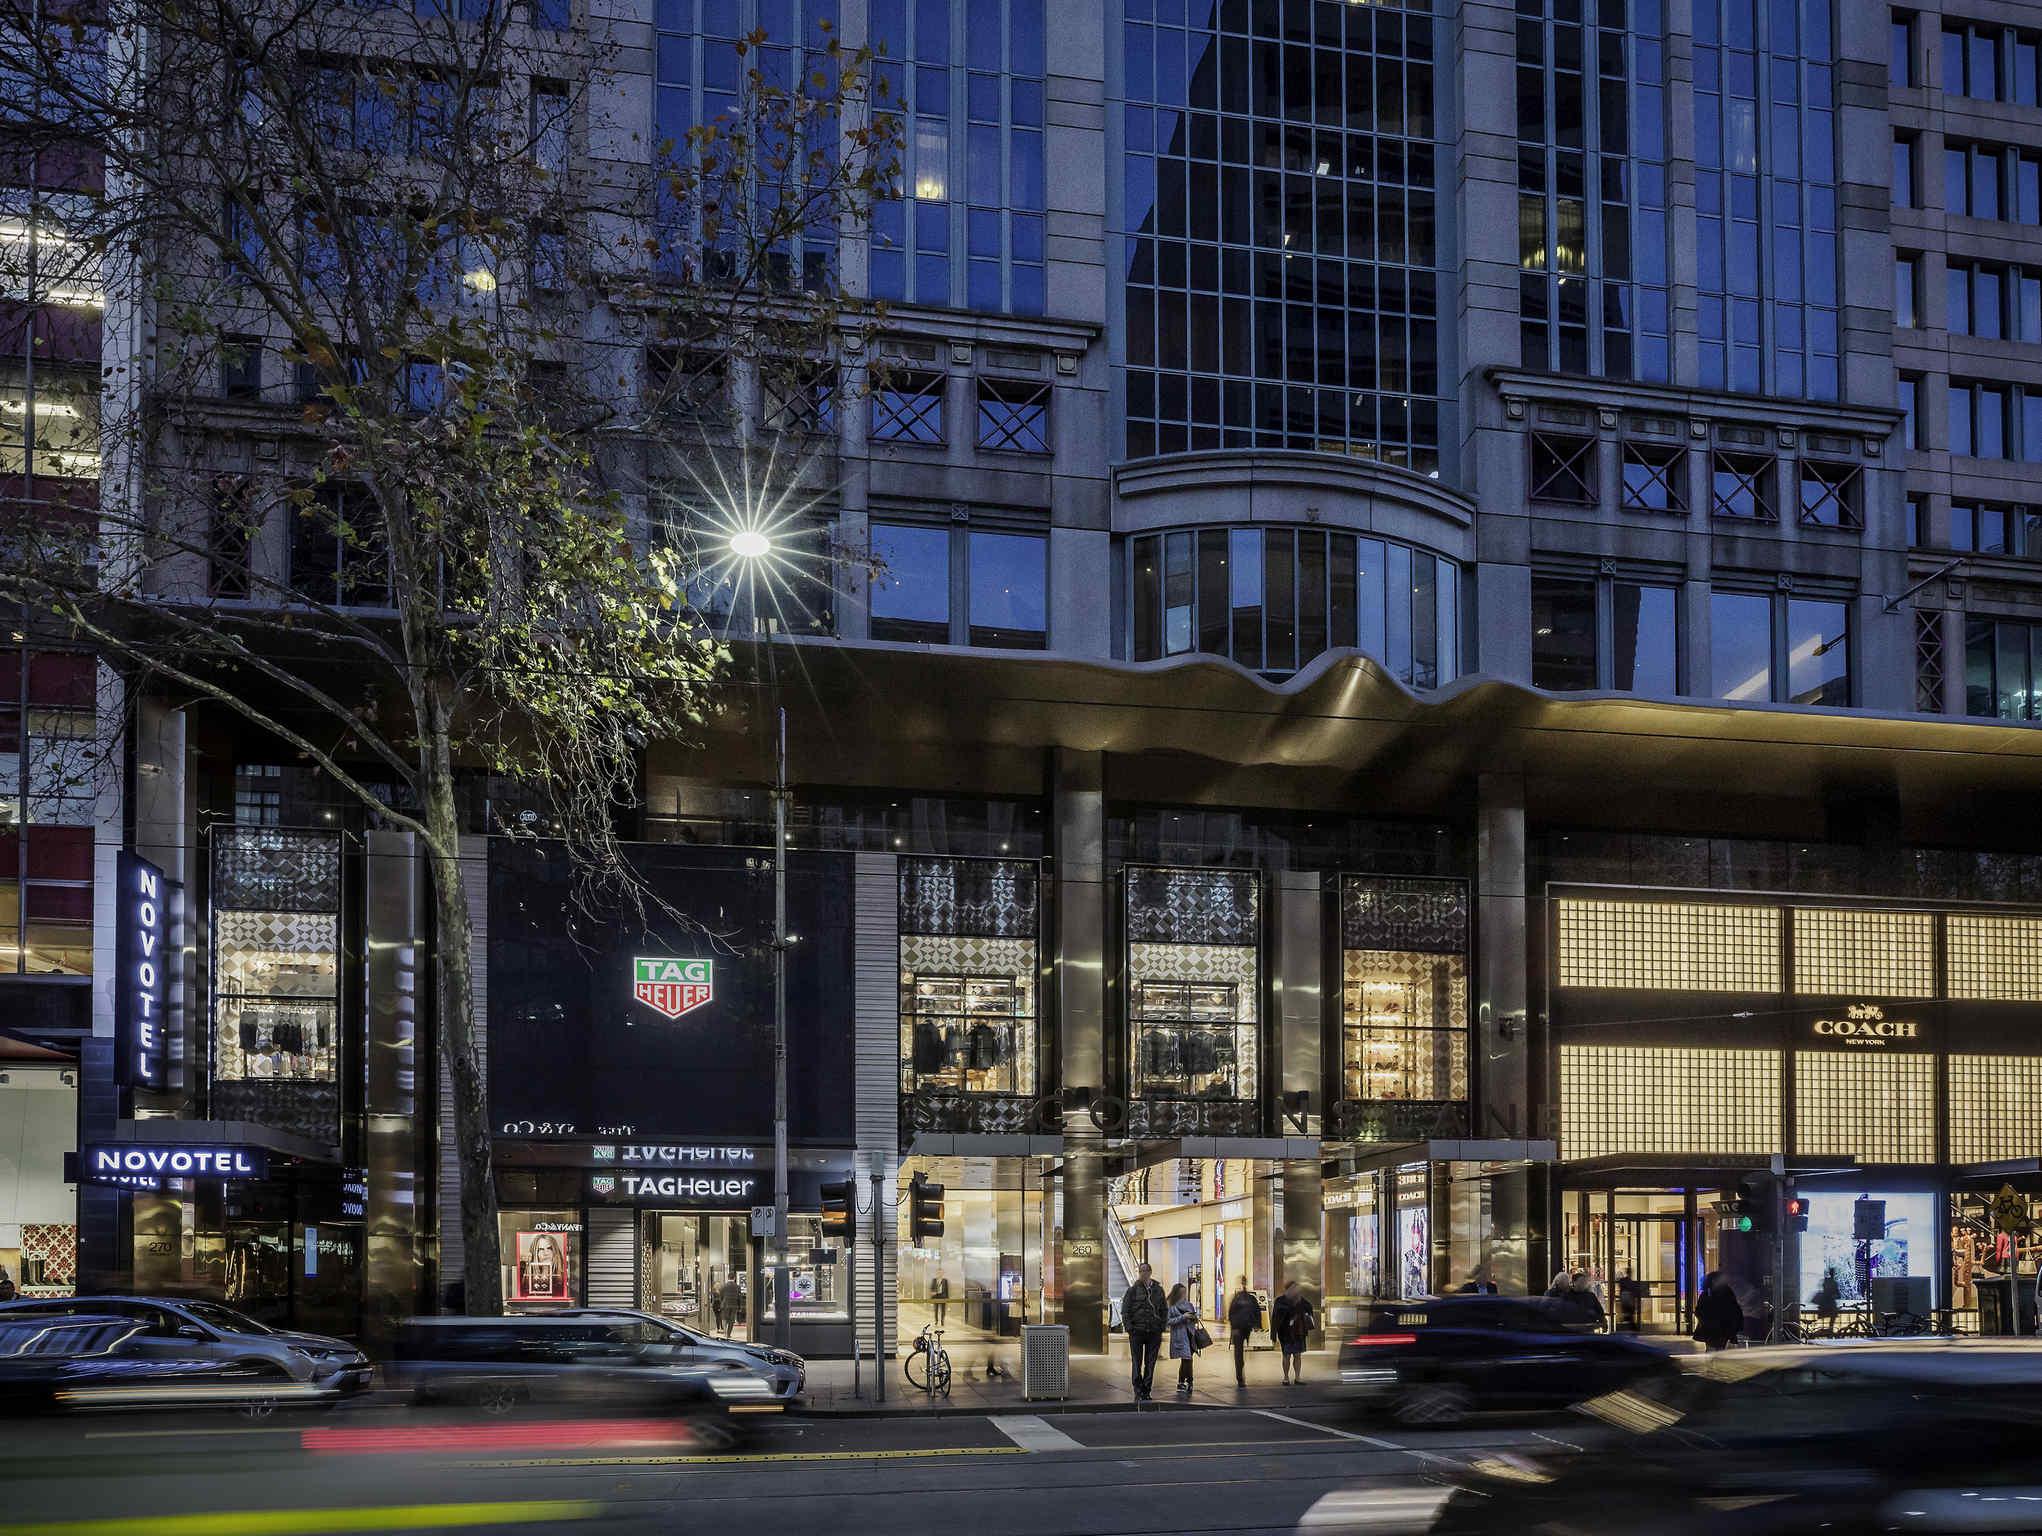 โรงแรม – โนโวเทล เมลเบิร์น ออน คอลลินส์